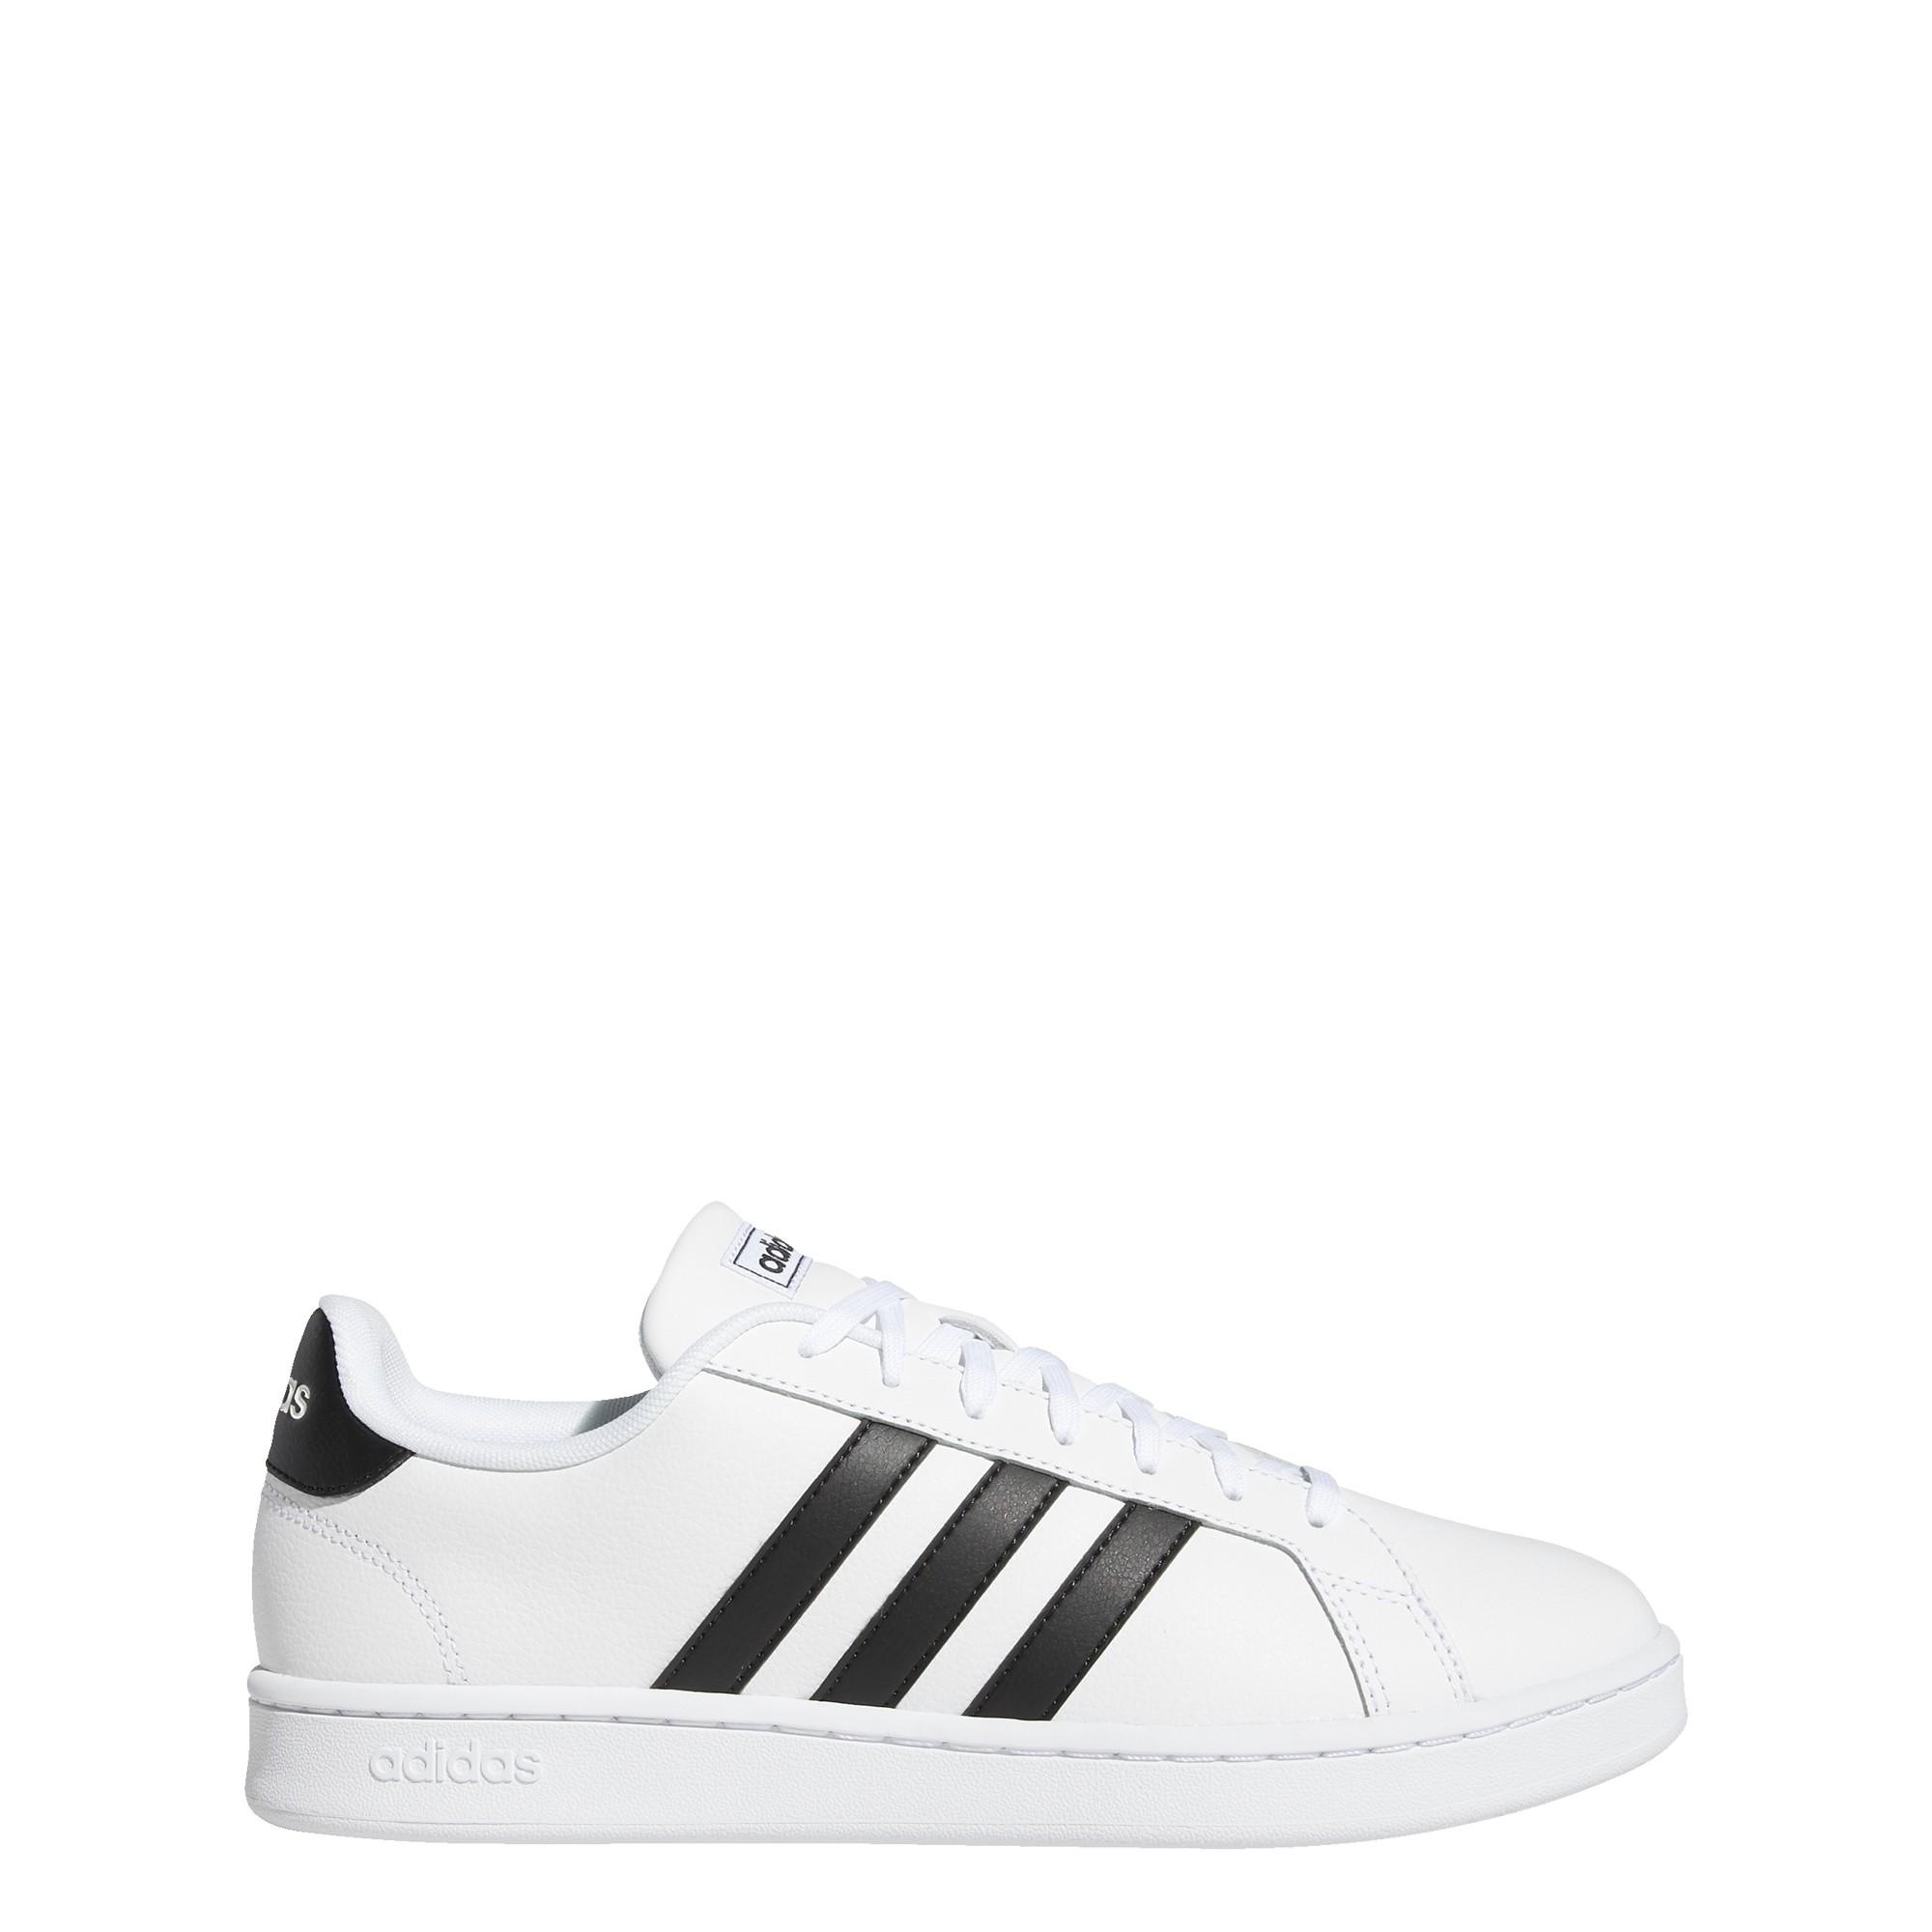 Giày adidas TENNIS Grand Court Nam Màu trắng F36392